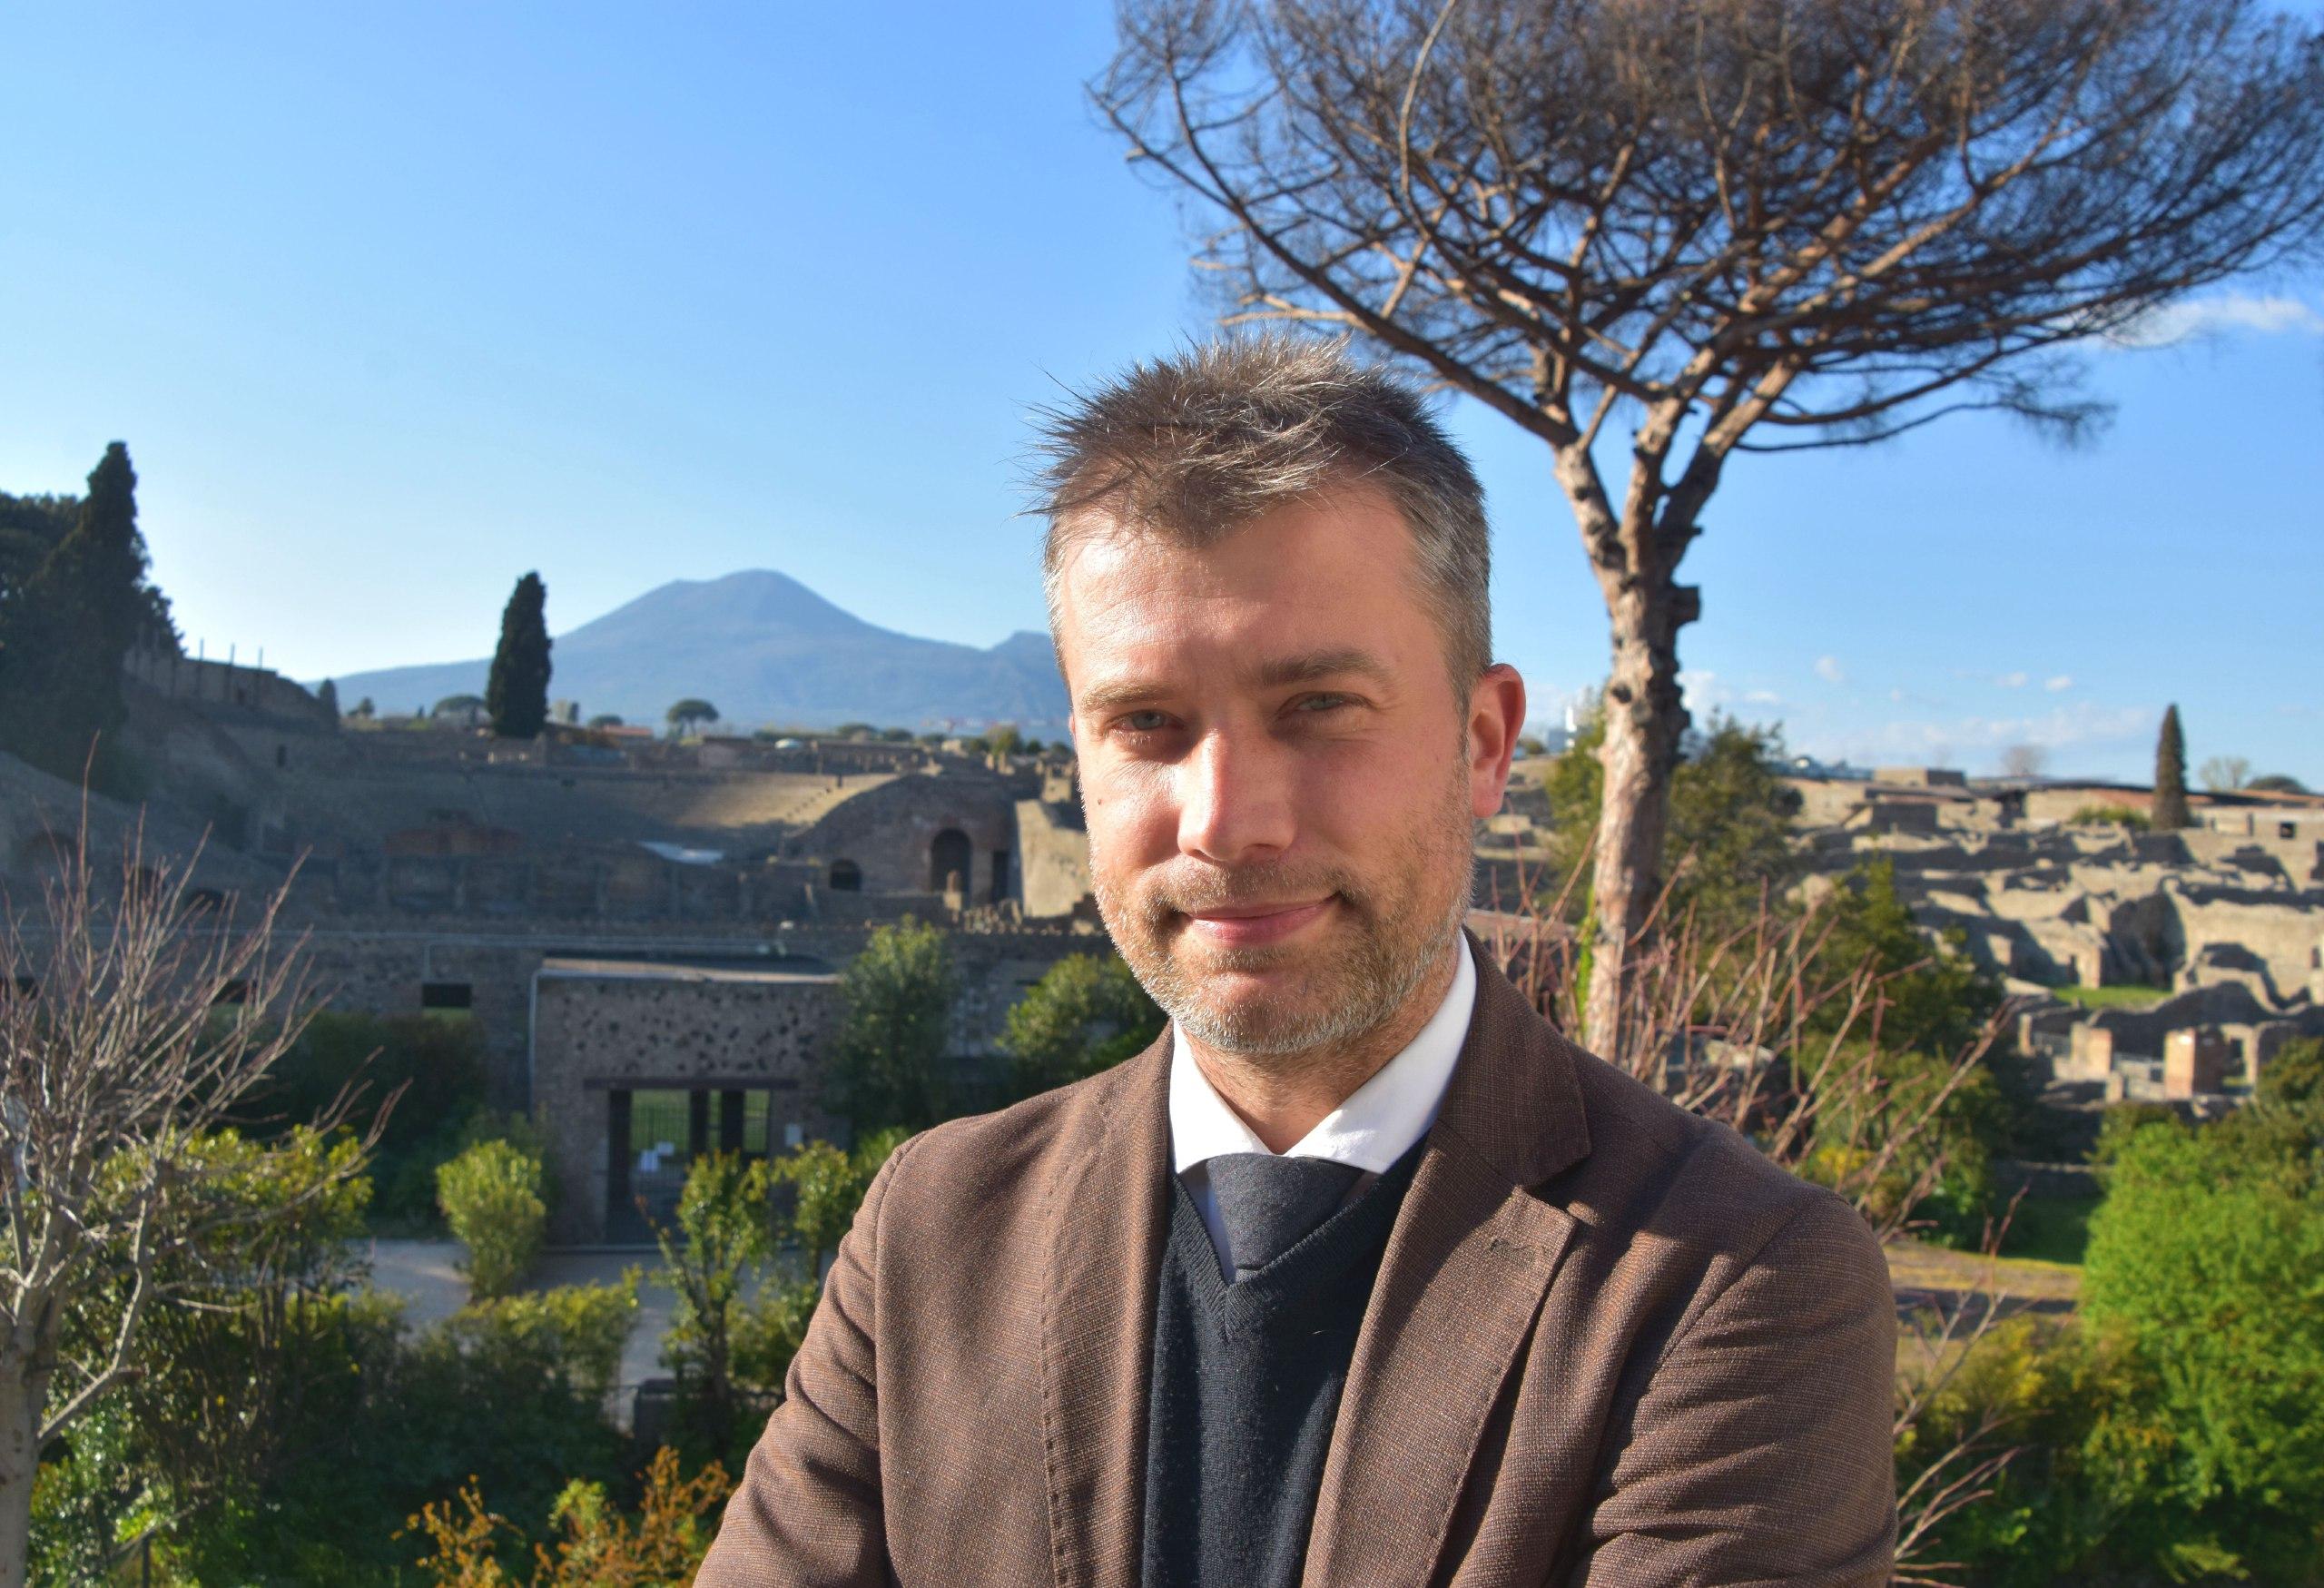 pompei_Gabriel Zuchtriegel_foto-parco-archeologico-pompei